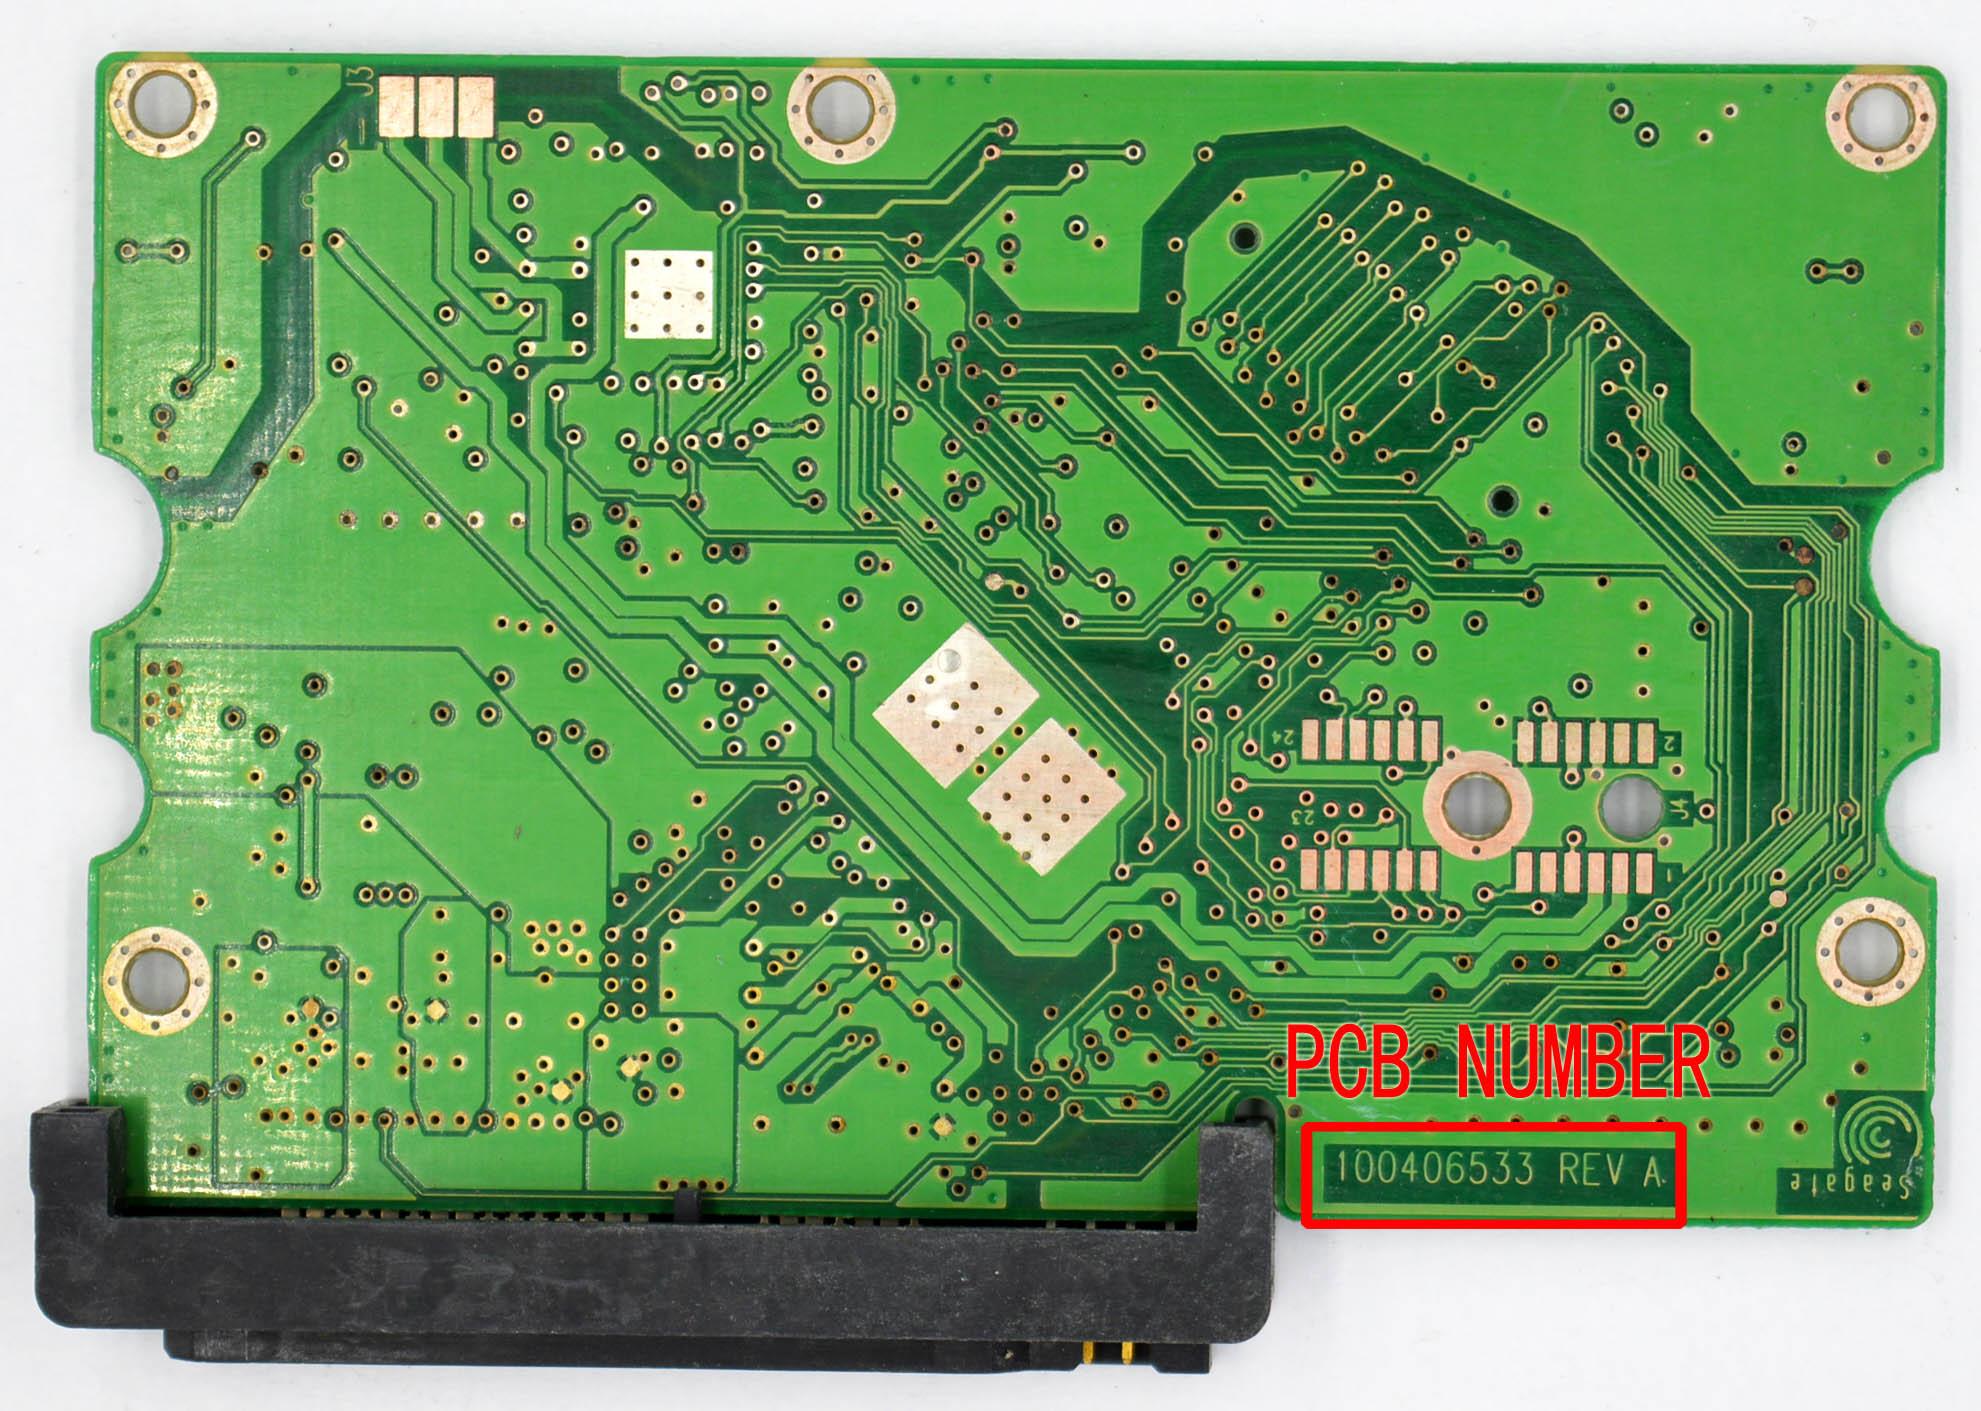 https://ae01.alicdn.com/kf/Hacf4d8238dc54e6da3c4d67543b40b3eC/Pi-ces-de-disque-dur-carte-m-re-carte-lectronique-100406533-REV-A-pour-Seagate-3.jpg